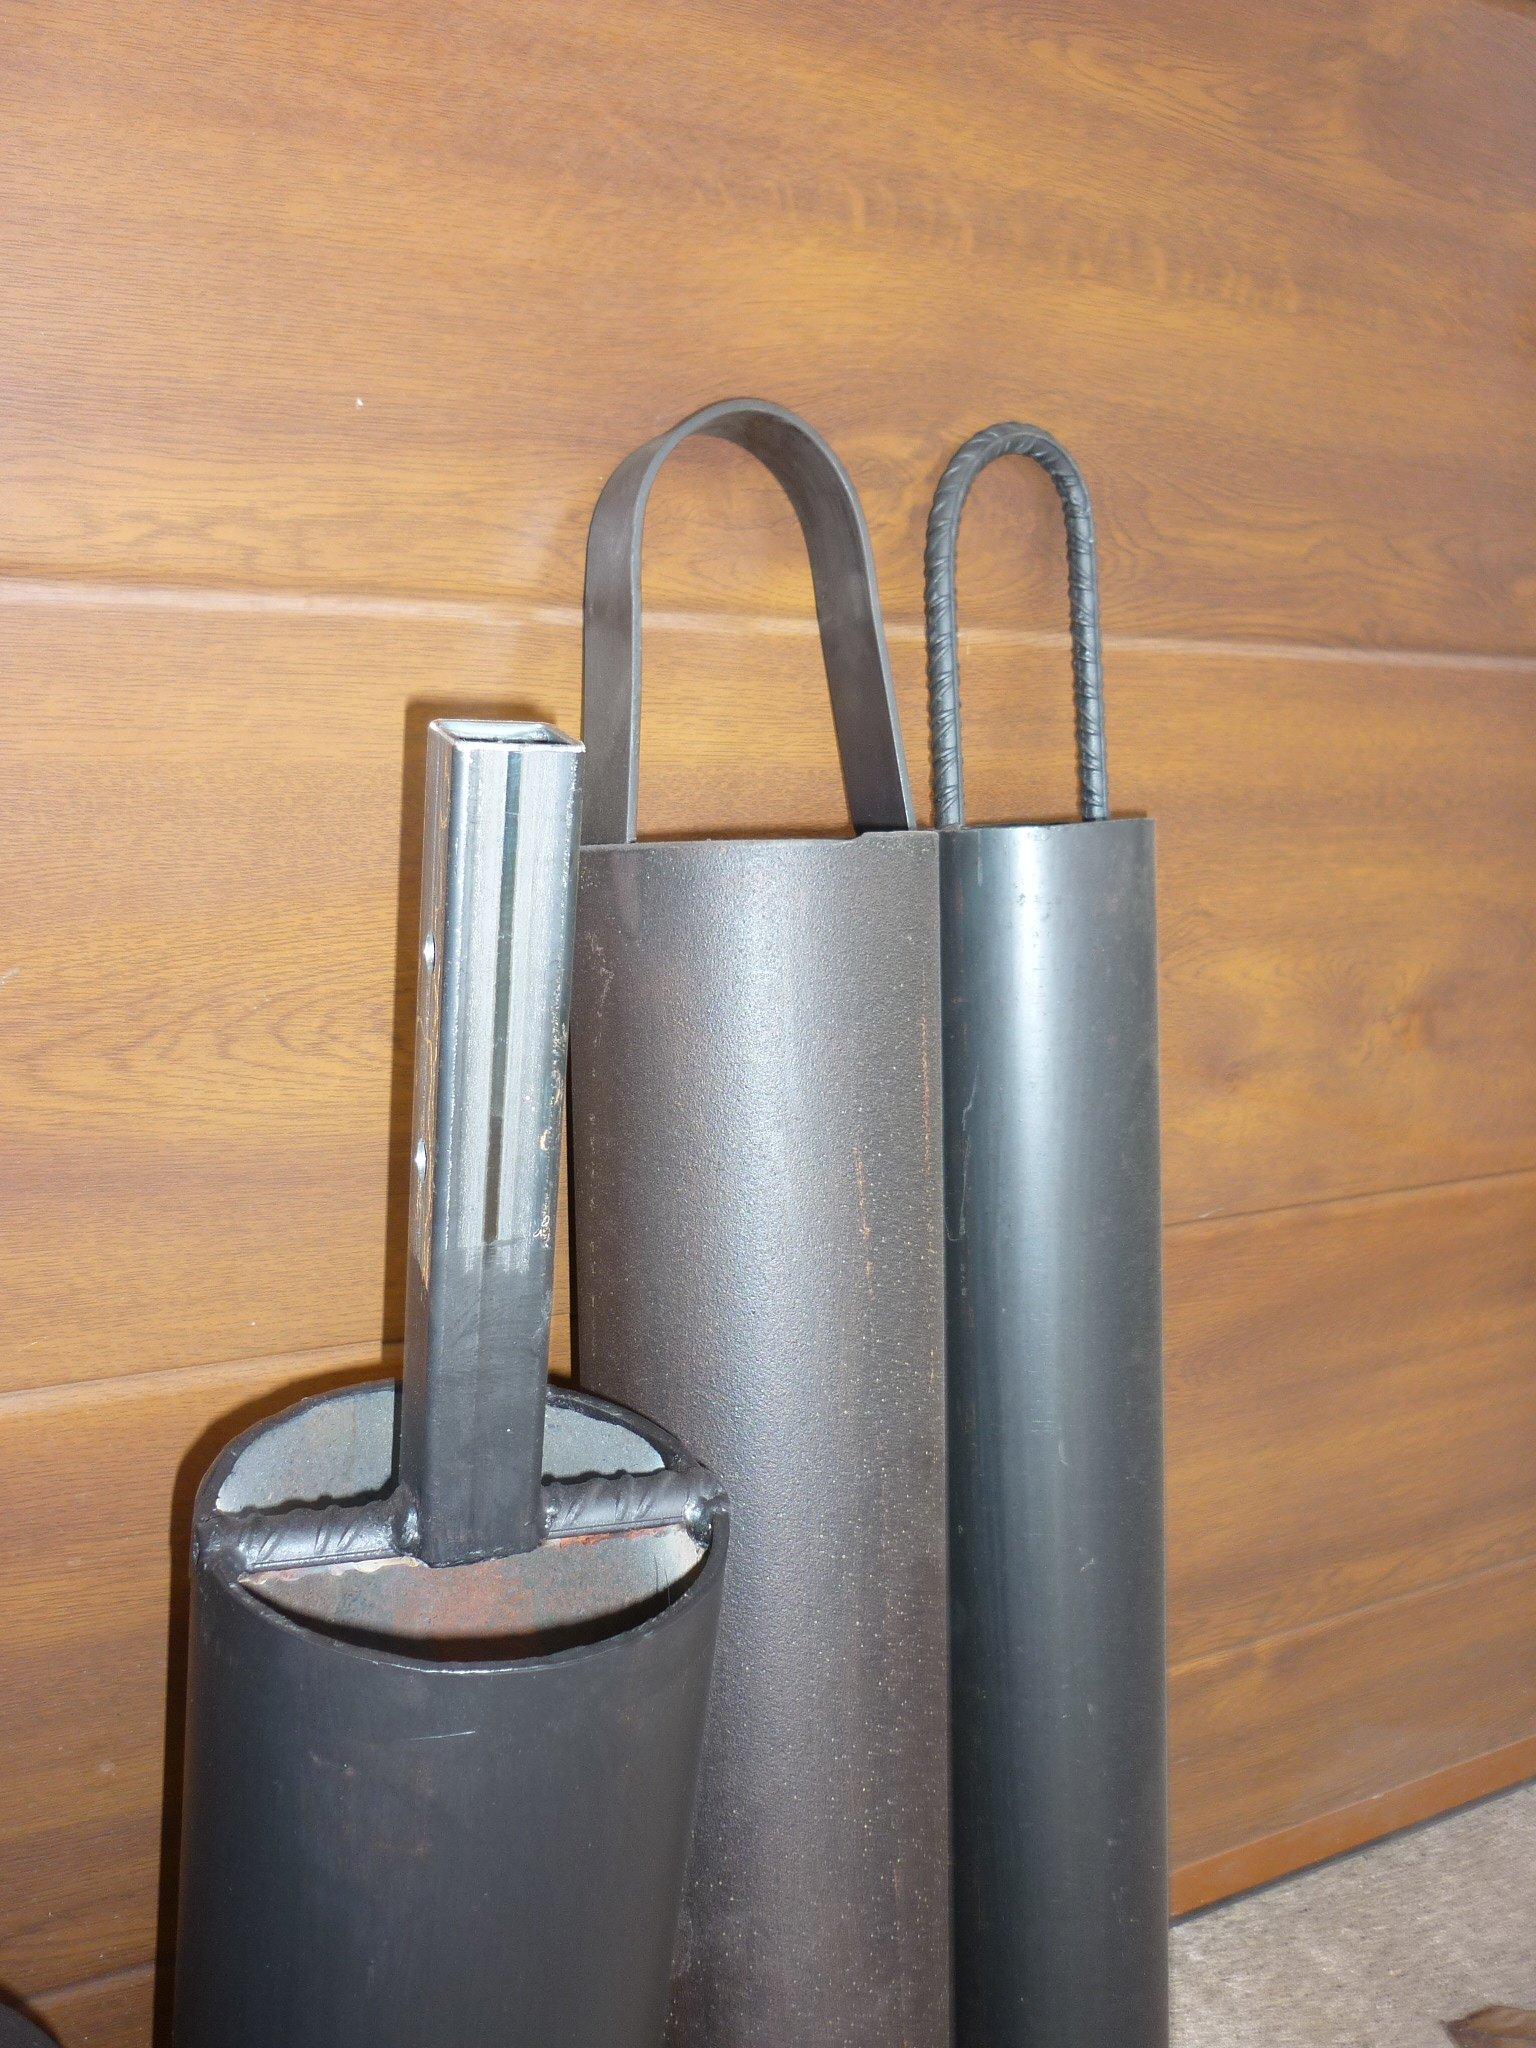 Chłodny Świder ręczny do studni 10m + szlamówka - 7294590289 - oficjalne VT16